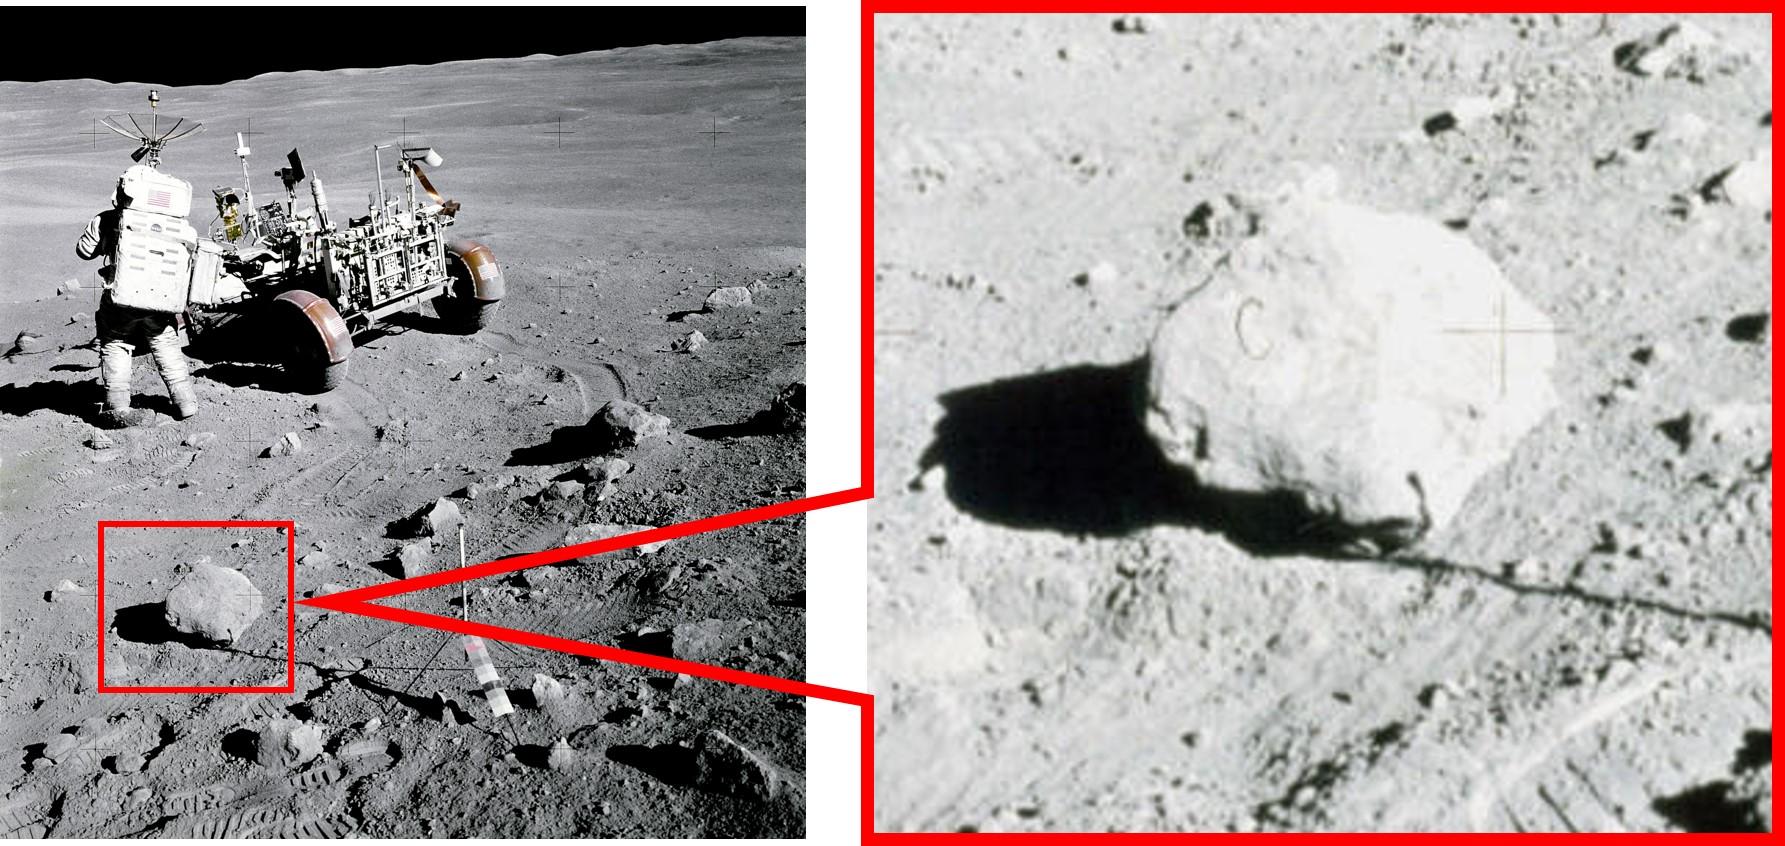 לא אביזר במה, אלא סלע ירח אותנטי, ככל הנראה בליווי שערה שהשתרבבה לאחד משלבי הפיתוח | צילום: NASA